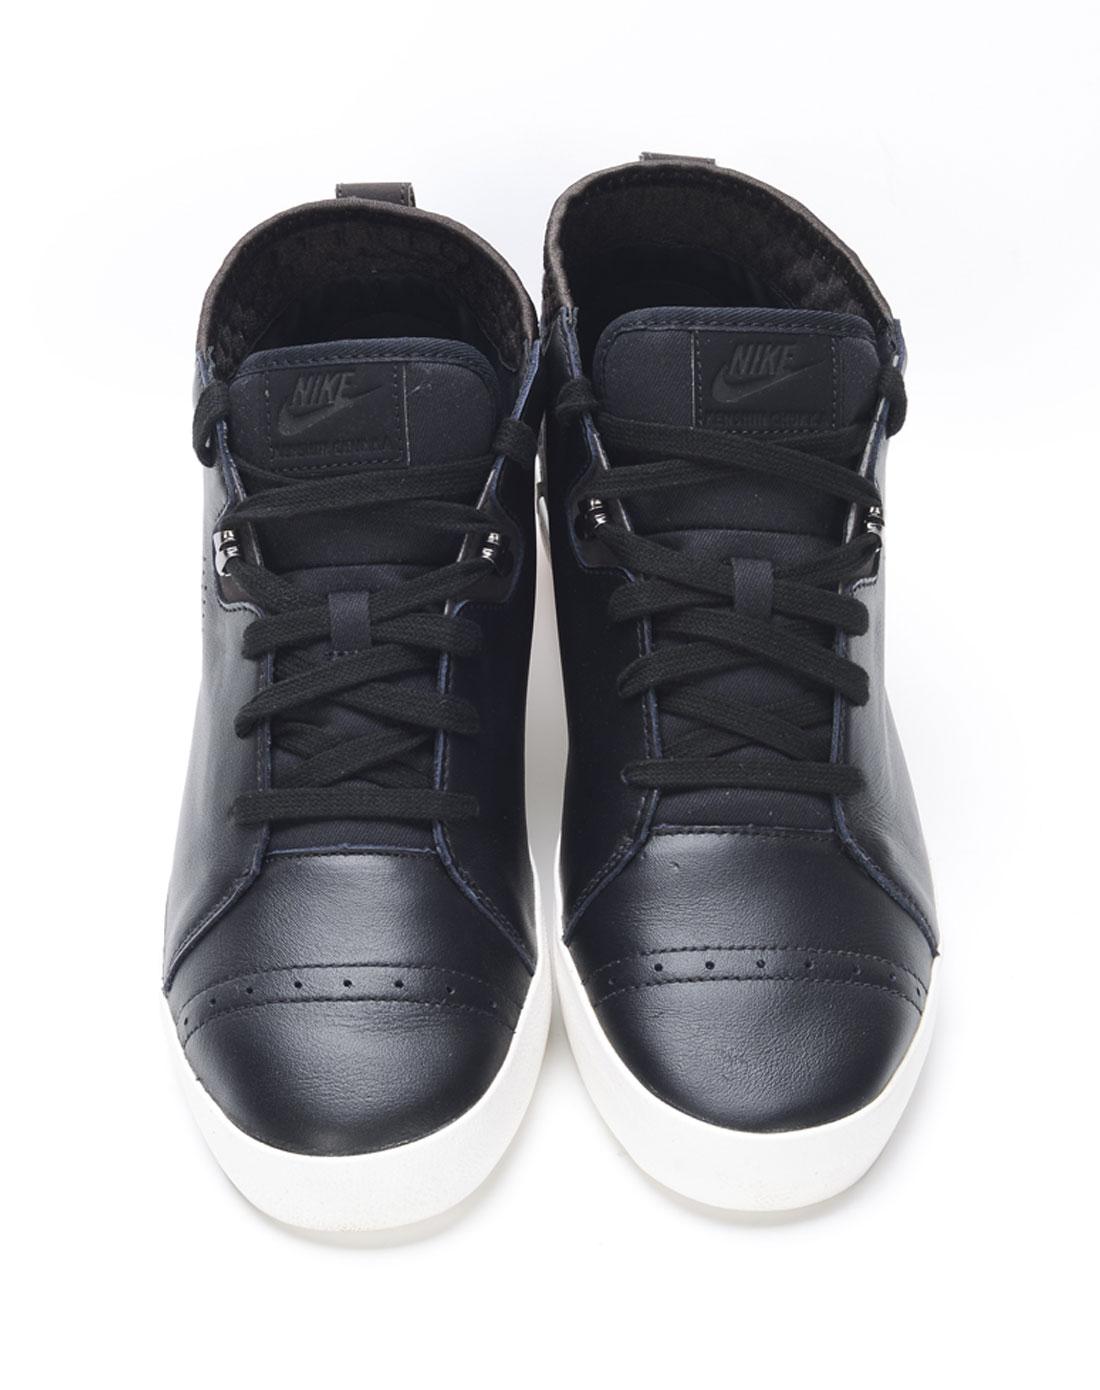 耐克nike-男子黑色复古鞋5